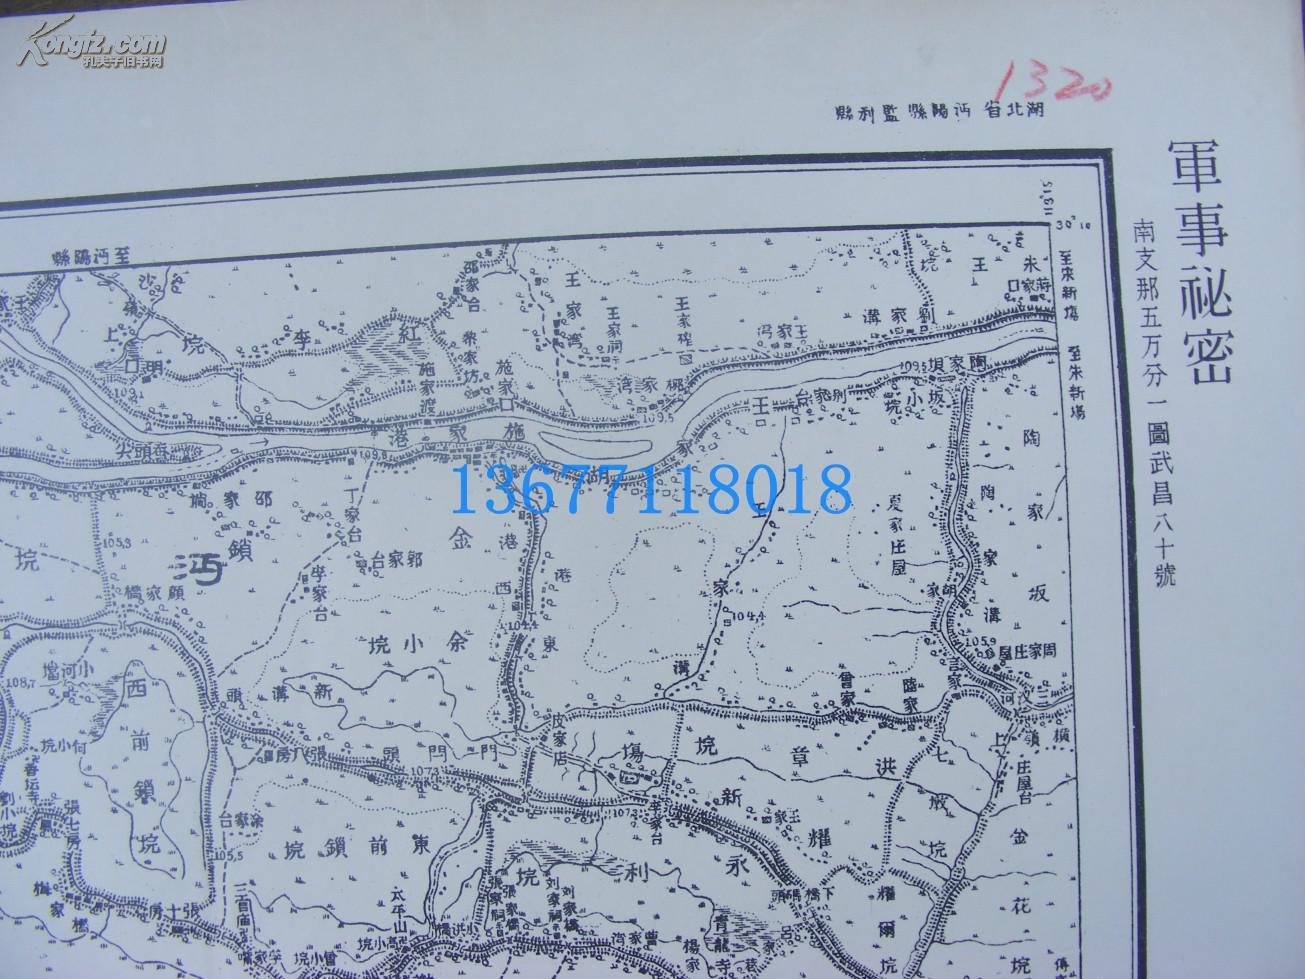 【图】民国(日军侵华)地图(102)~~湖北省沔阳县监利